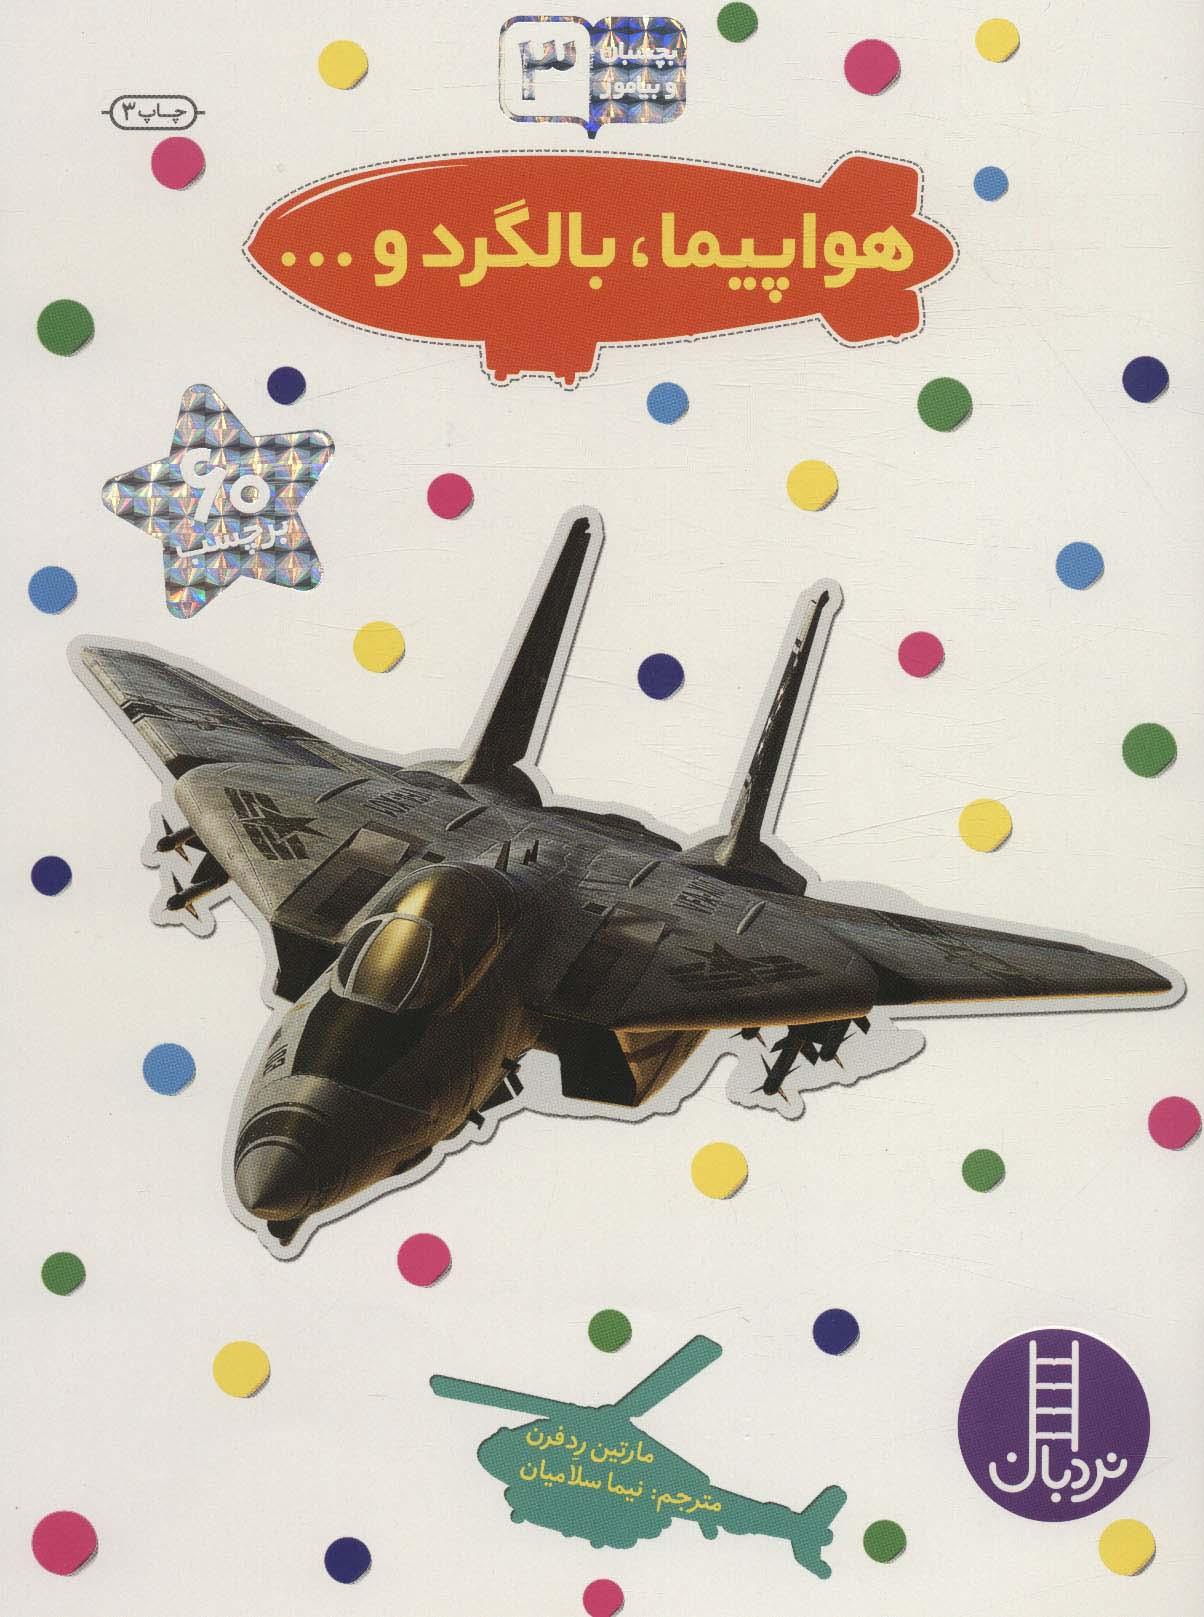 هواپیما،بالگرد و… (بچسبان و بیاموز 3)